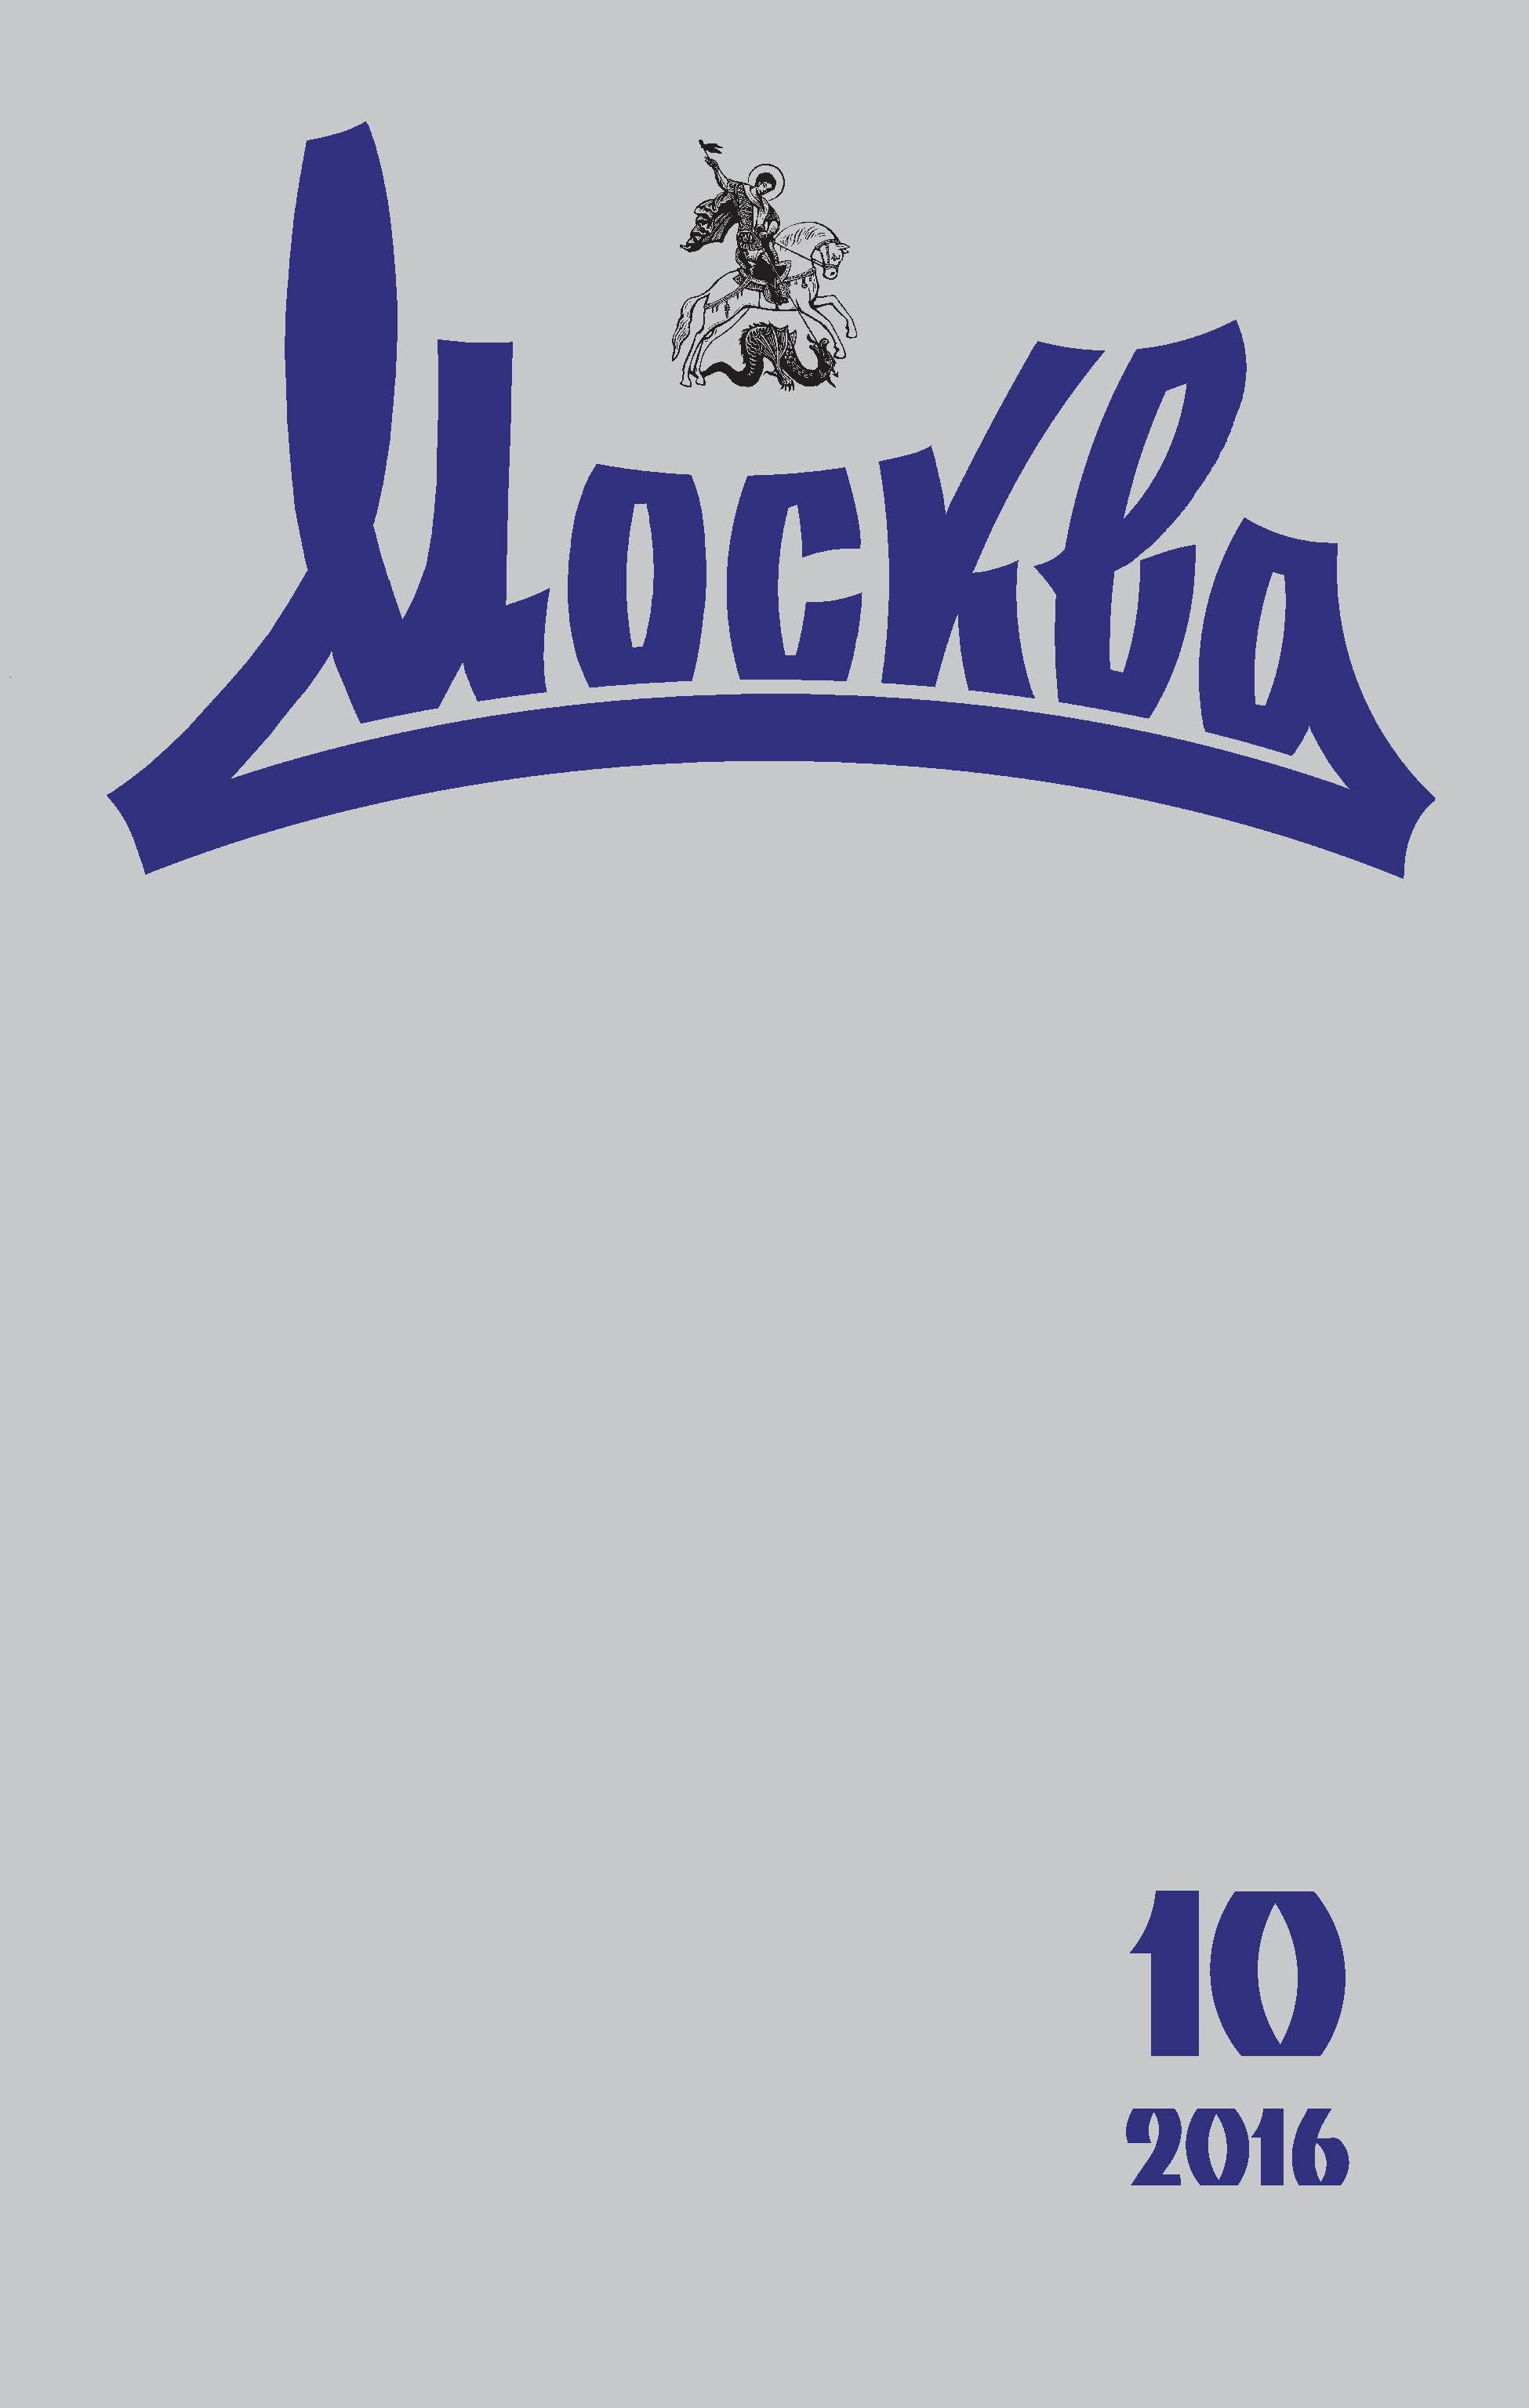 купить Отсутствует Журнал русской культуры «Москва» №10/2016 по цене 59.9 рублей